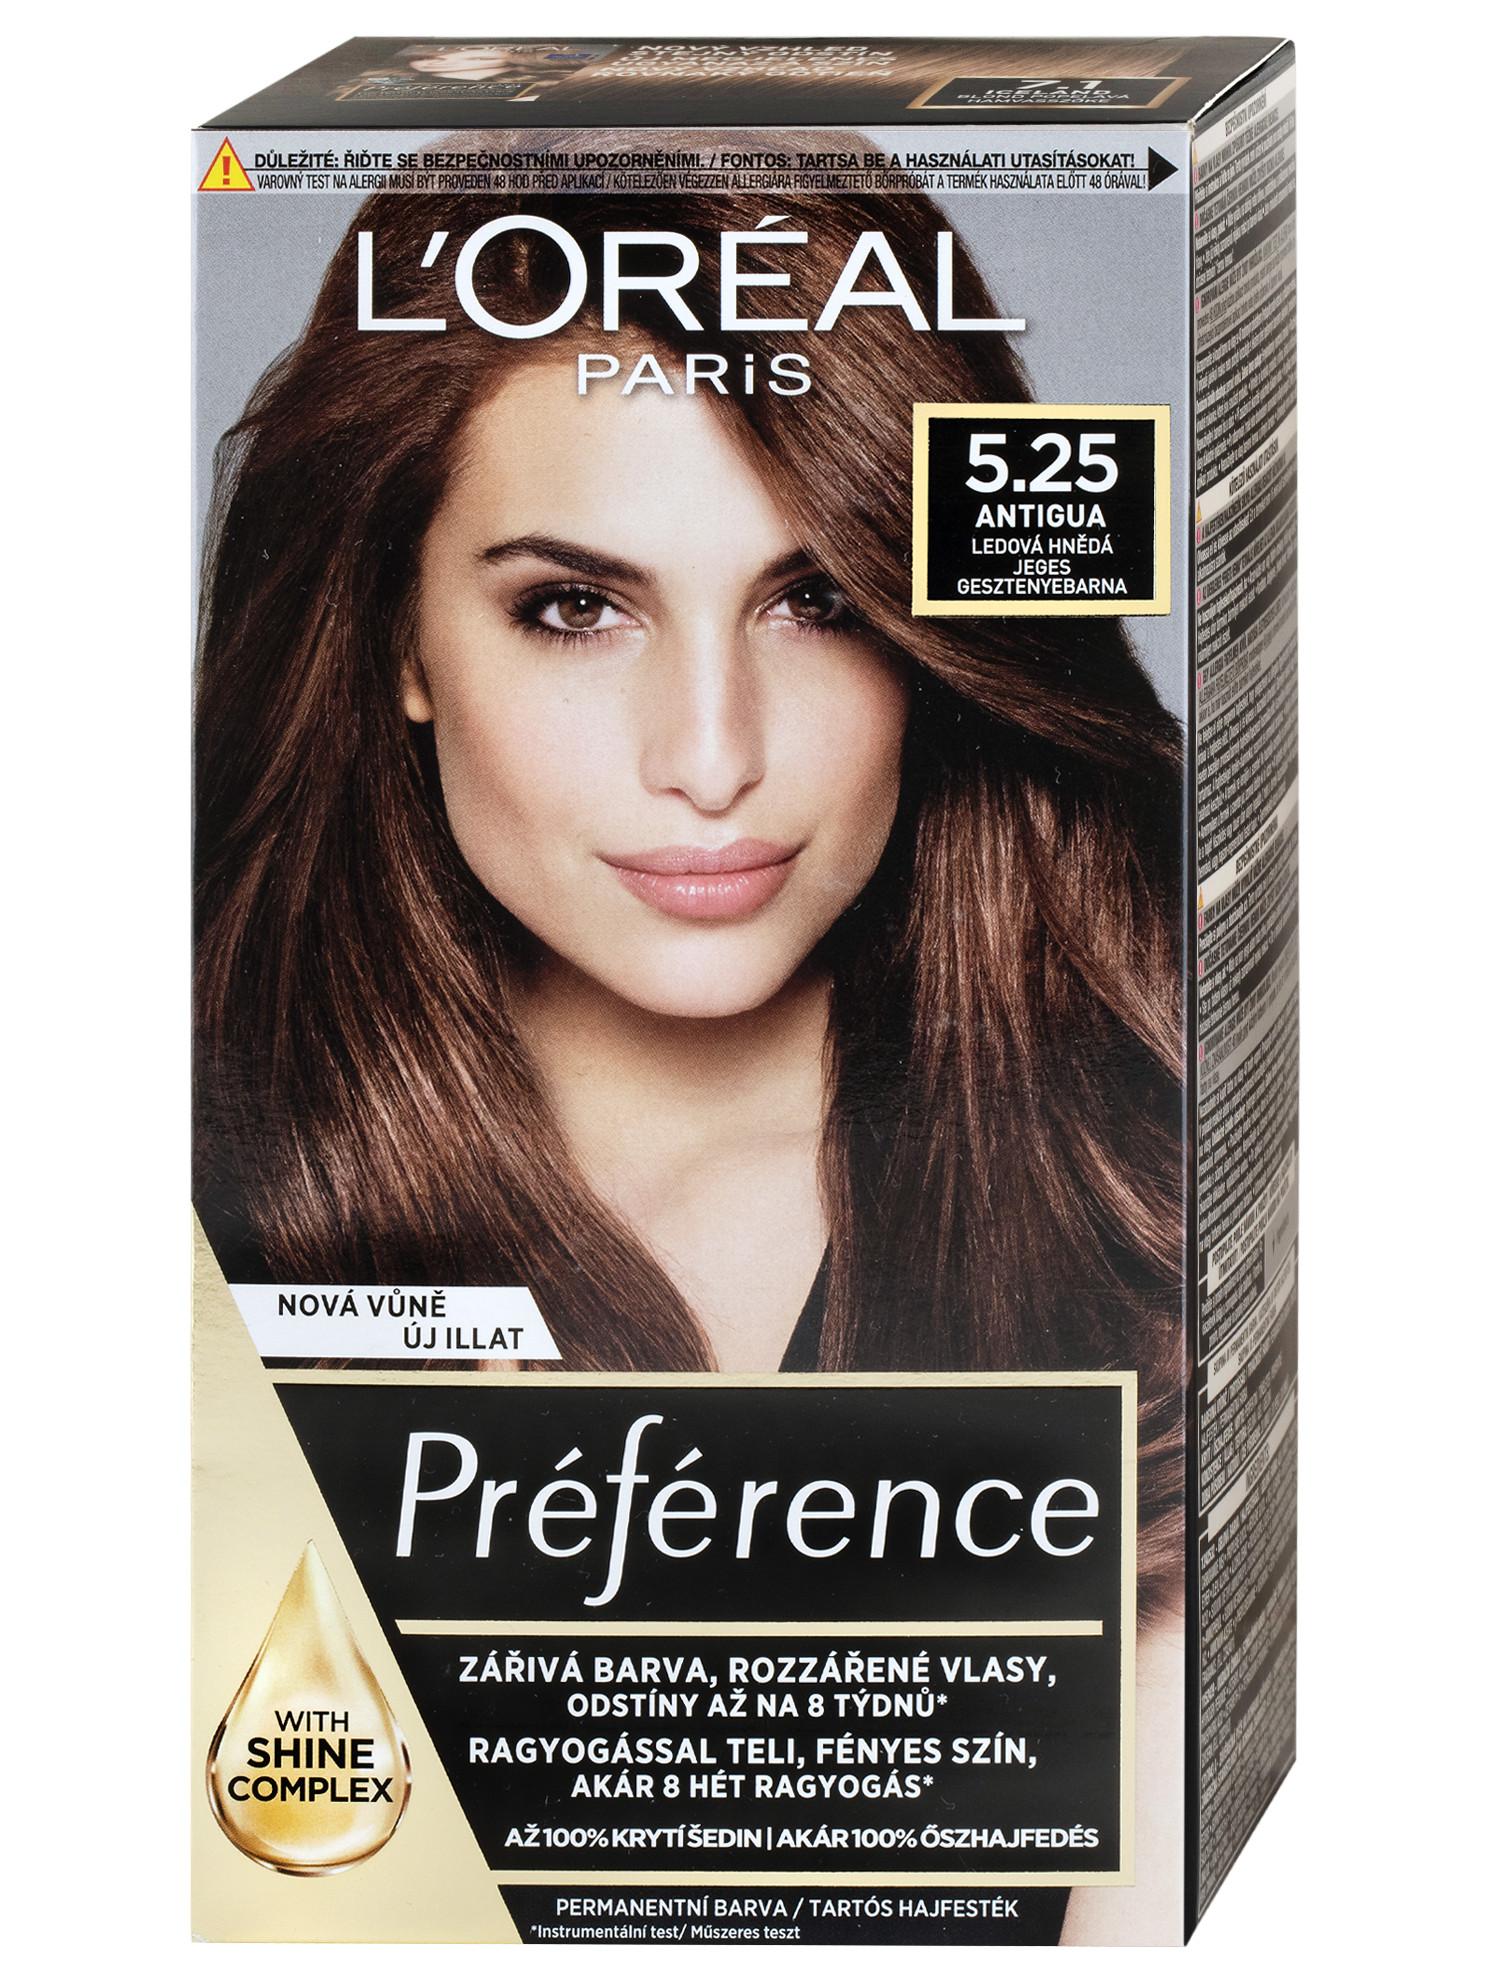 Permanentní barva Loréal Préférence 5.25 ledová hnědá + DÁREK ZDARMA